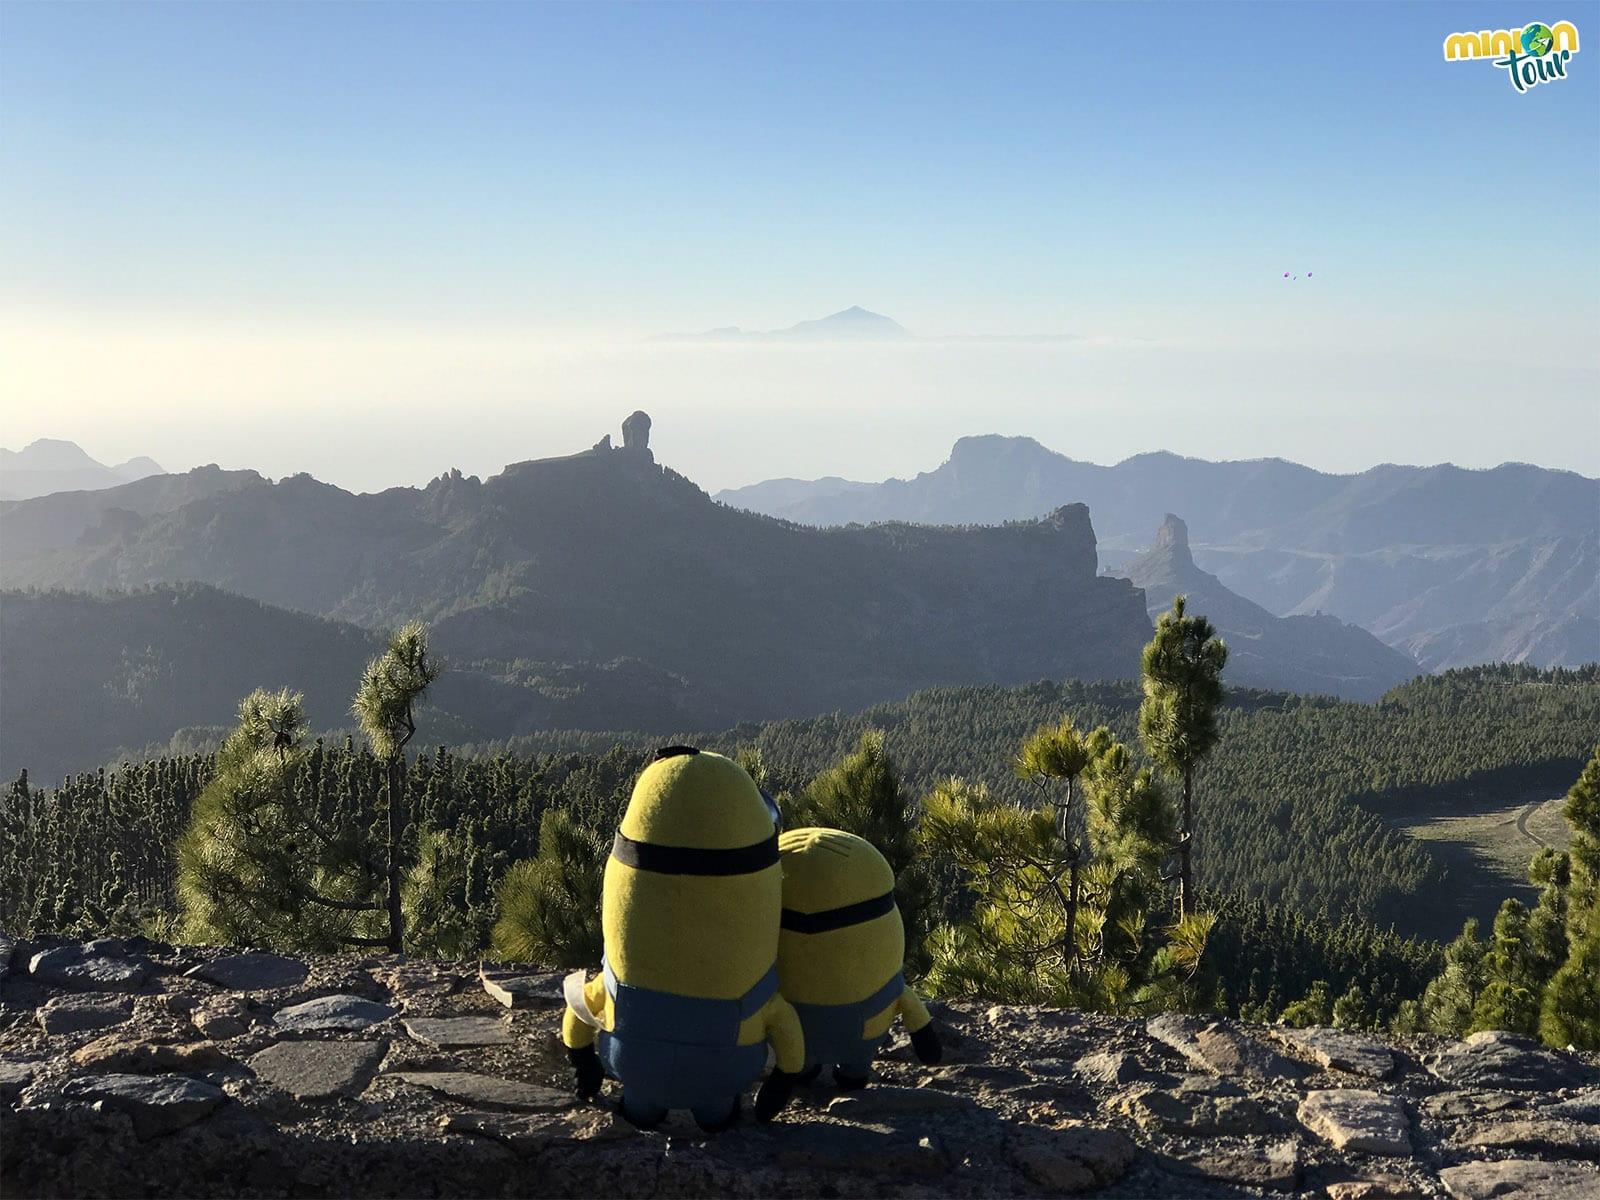 Minions en el Mirador del Pico del Pozo de las Nieves